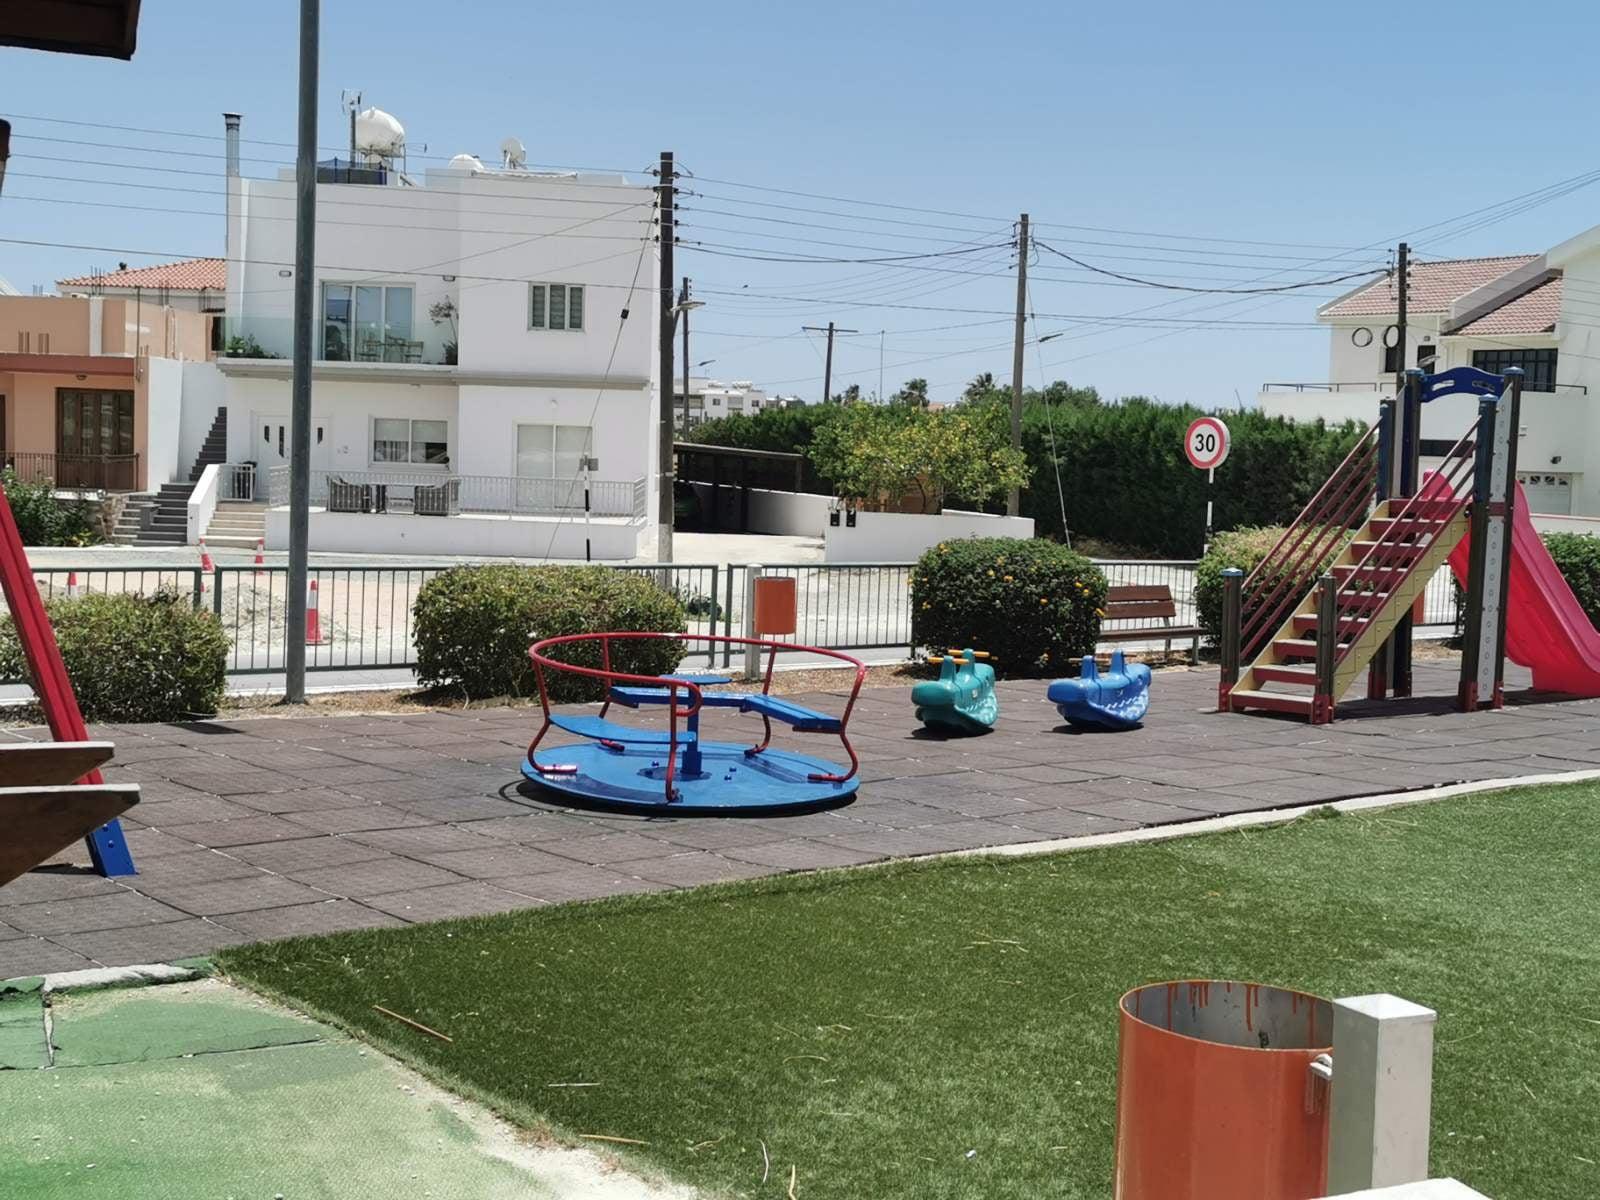 Άρχισε η συντήρηση των παιχνιδιών στα πάρκα στο Δήμο Λιβαδιών (φώτο)